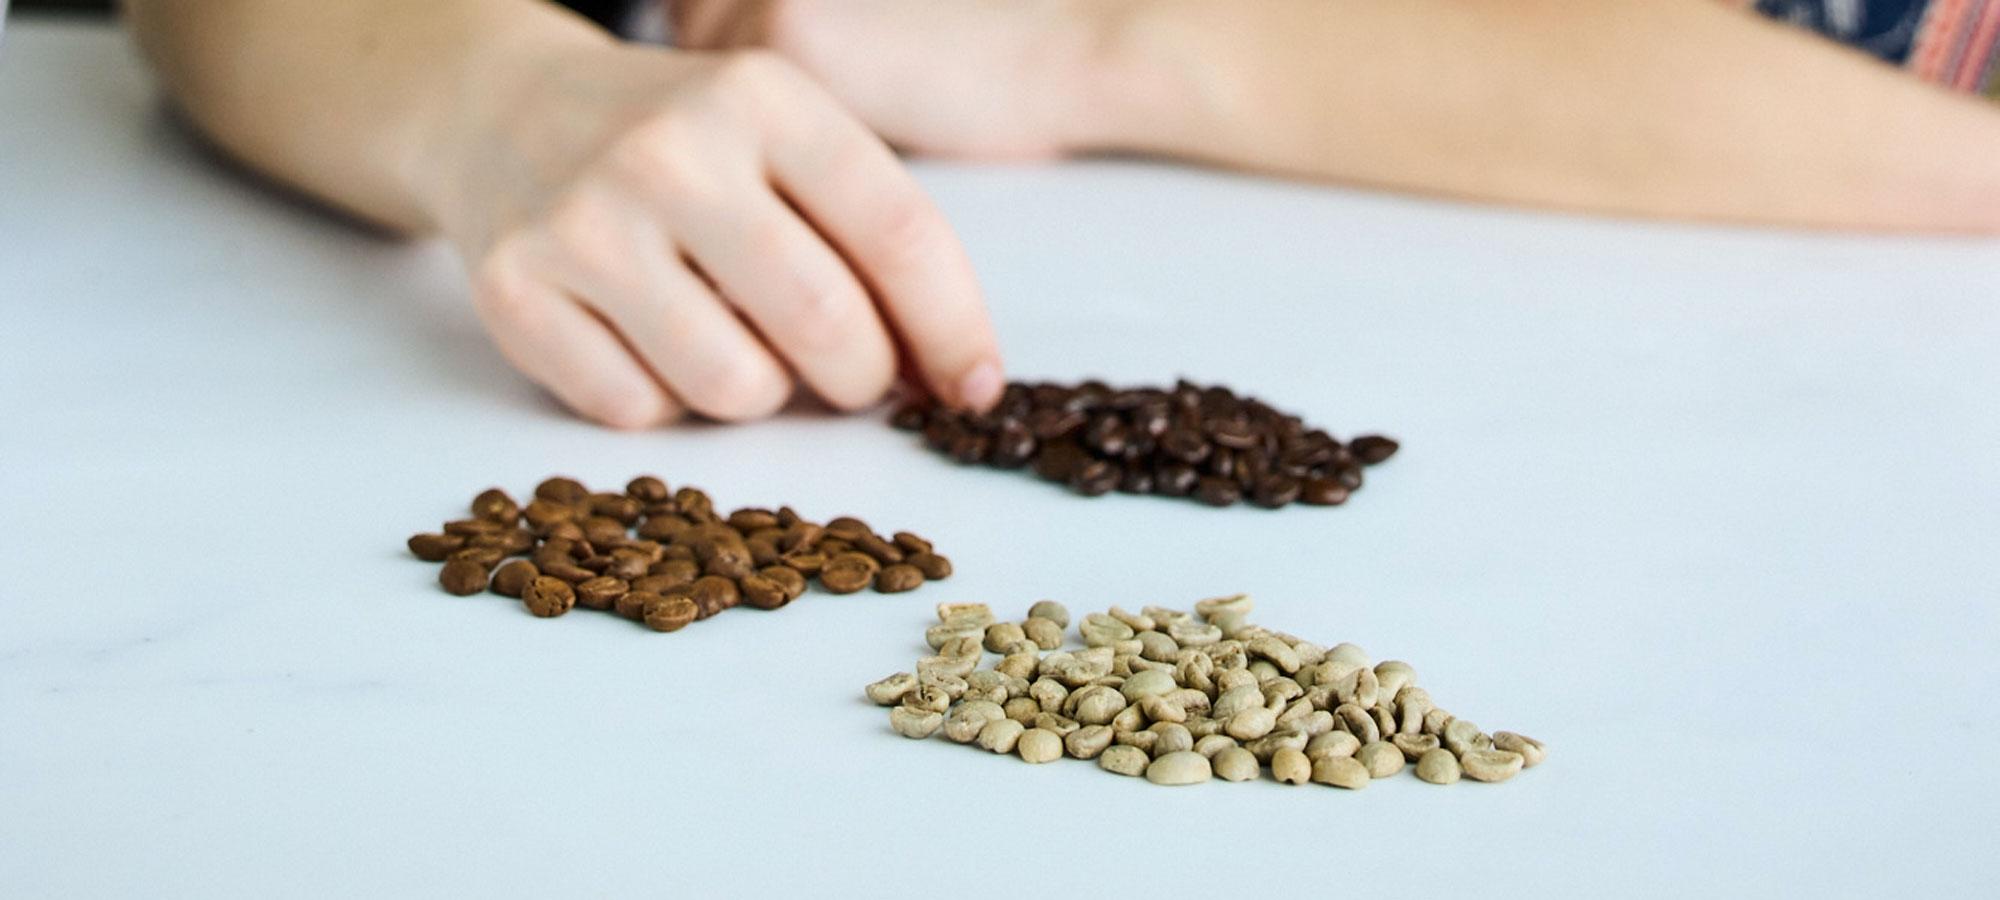 Miten uusia kahvimakuja lanseerataan markkinoille? Pauligin Inkun blogissa käydään läpi pääpiirteittäin kahvin tuotekehitysprosessi